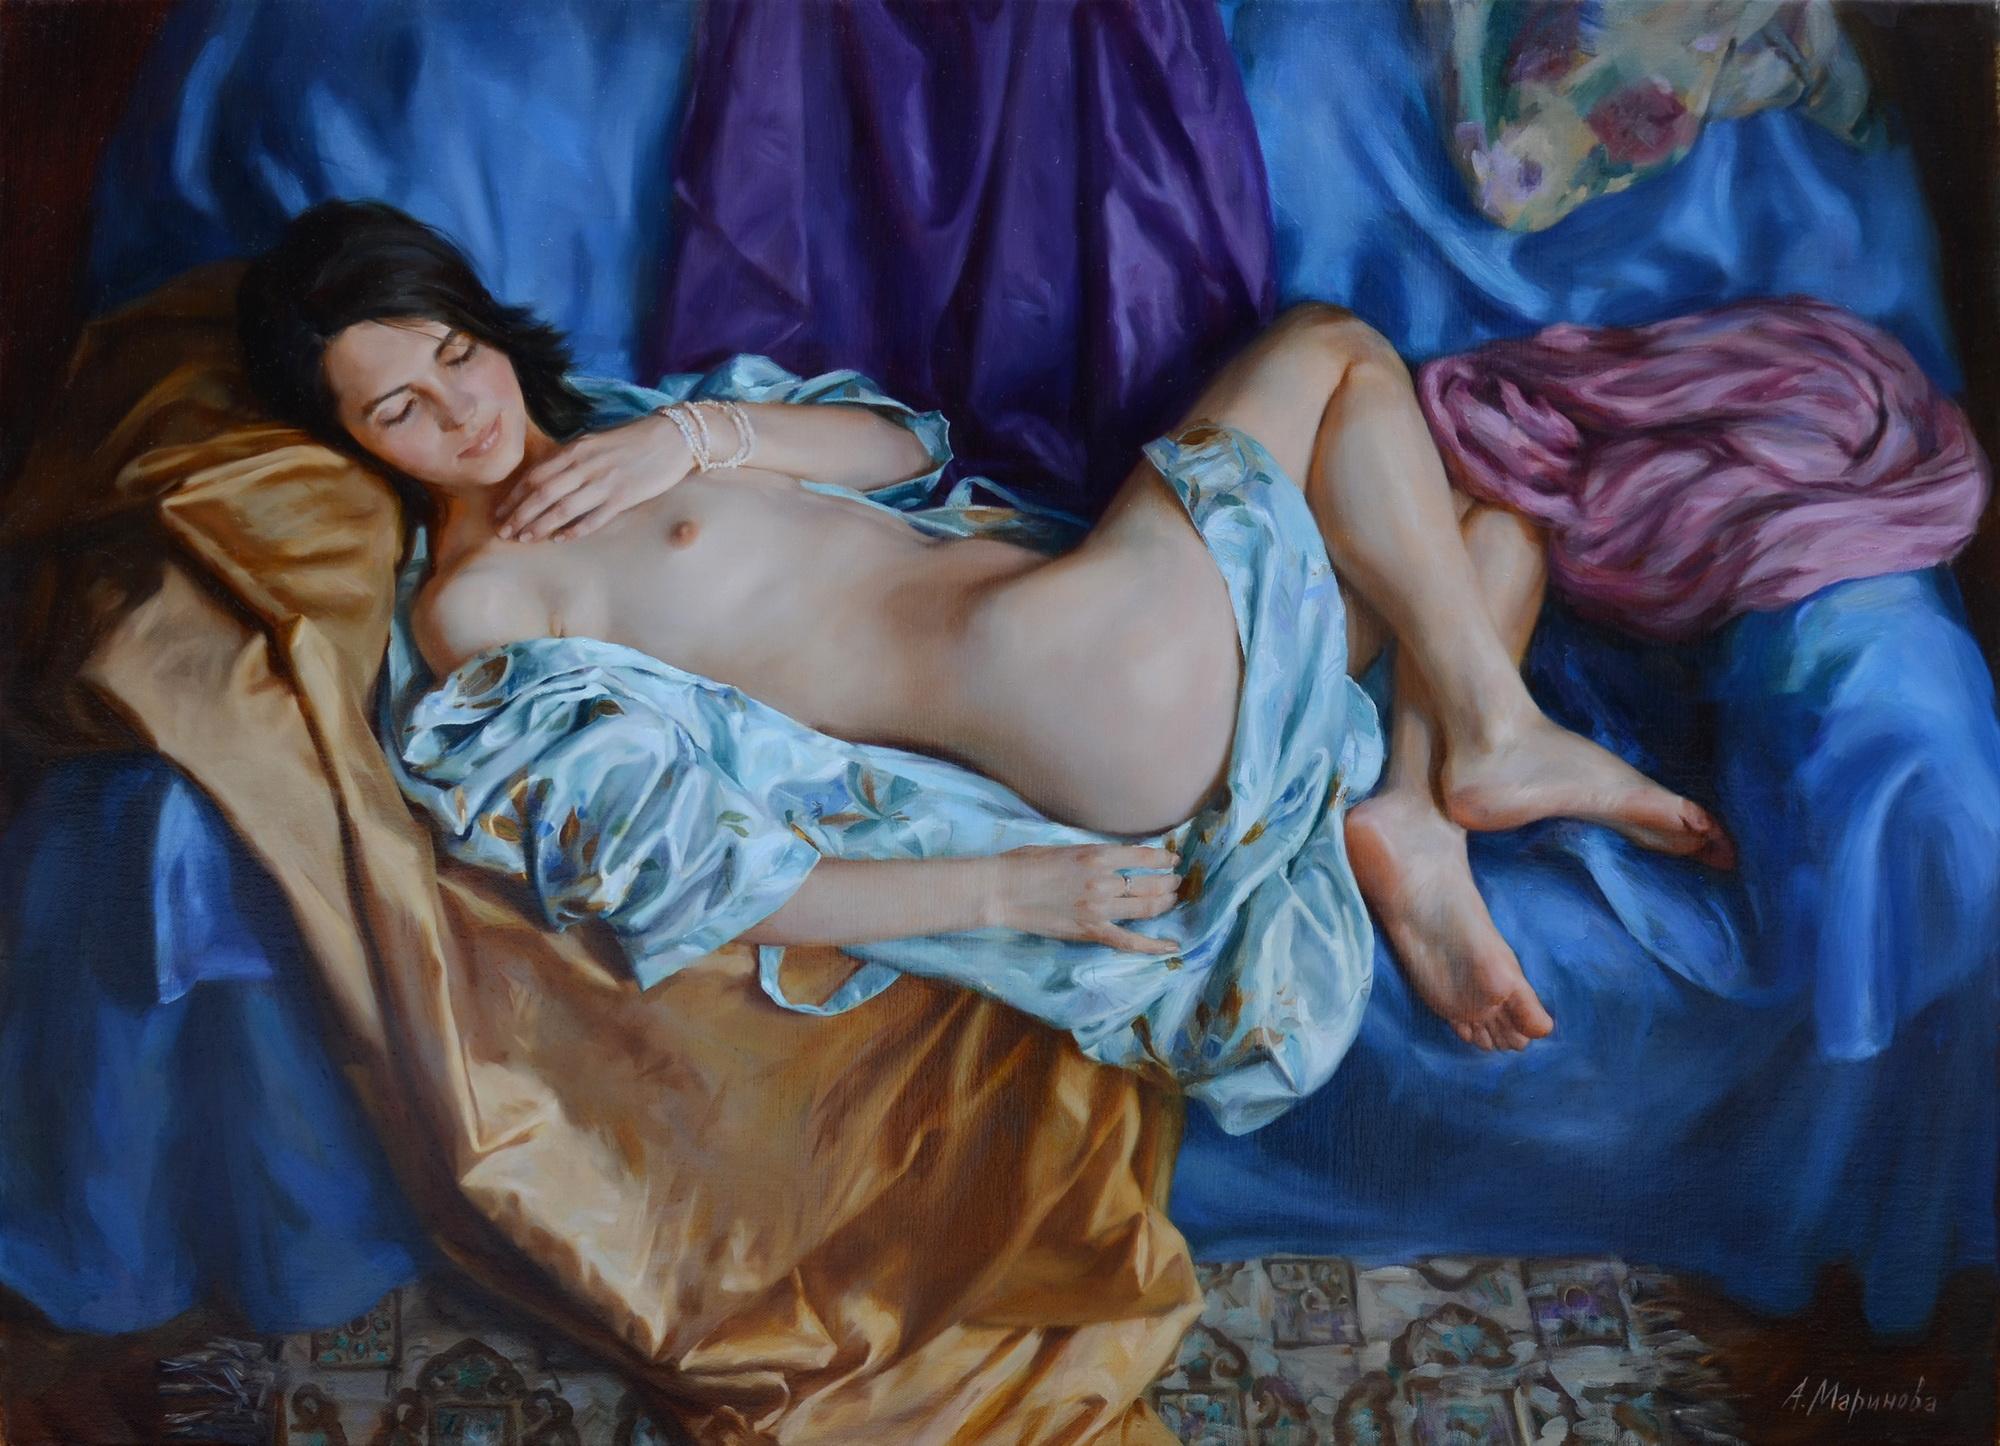 The silk/Шелковый халат